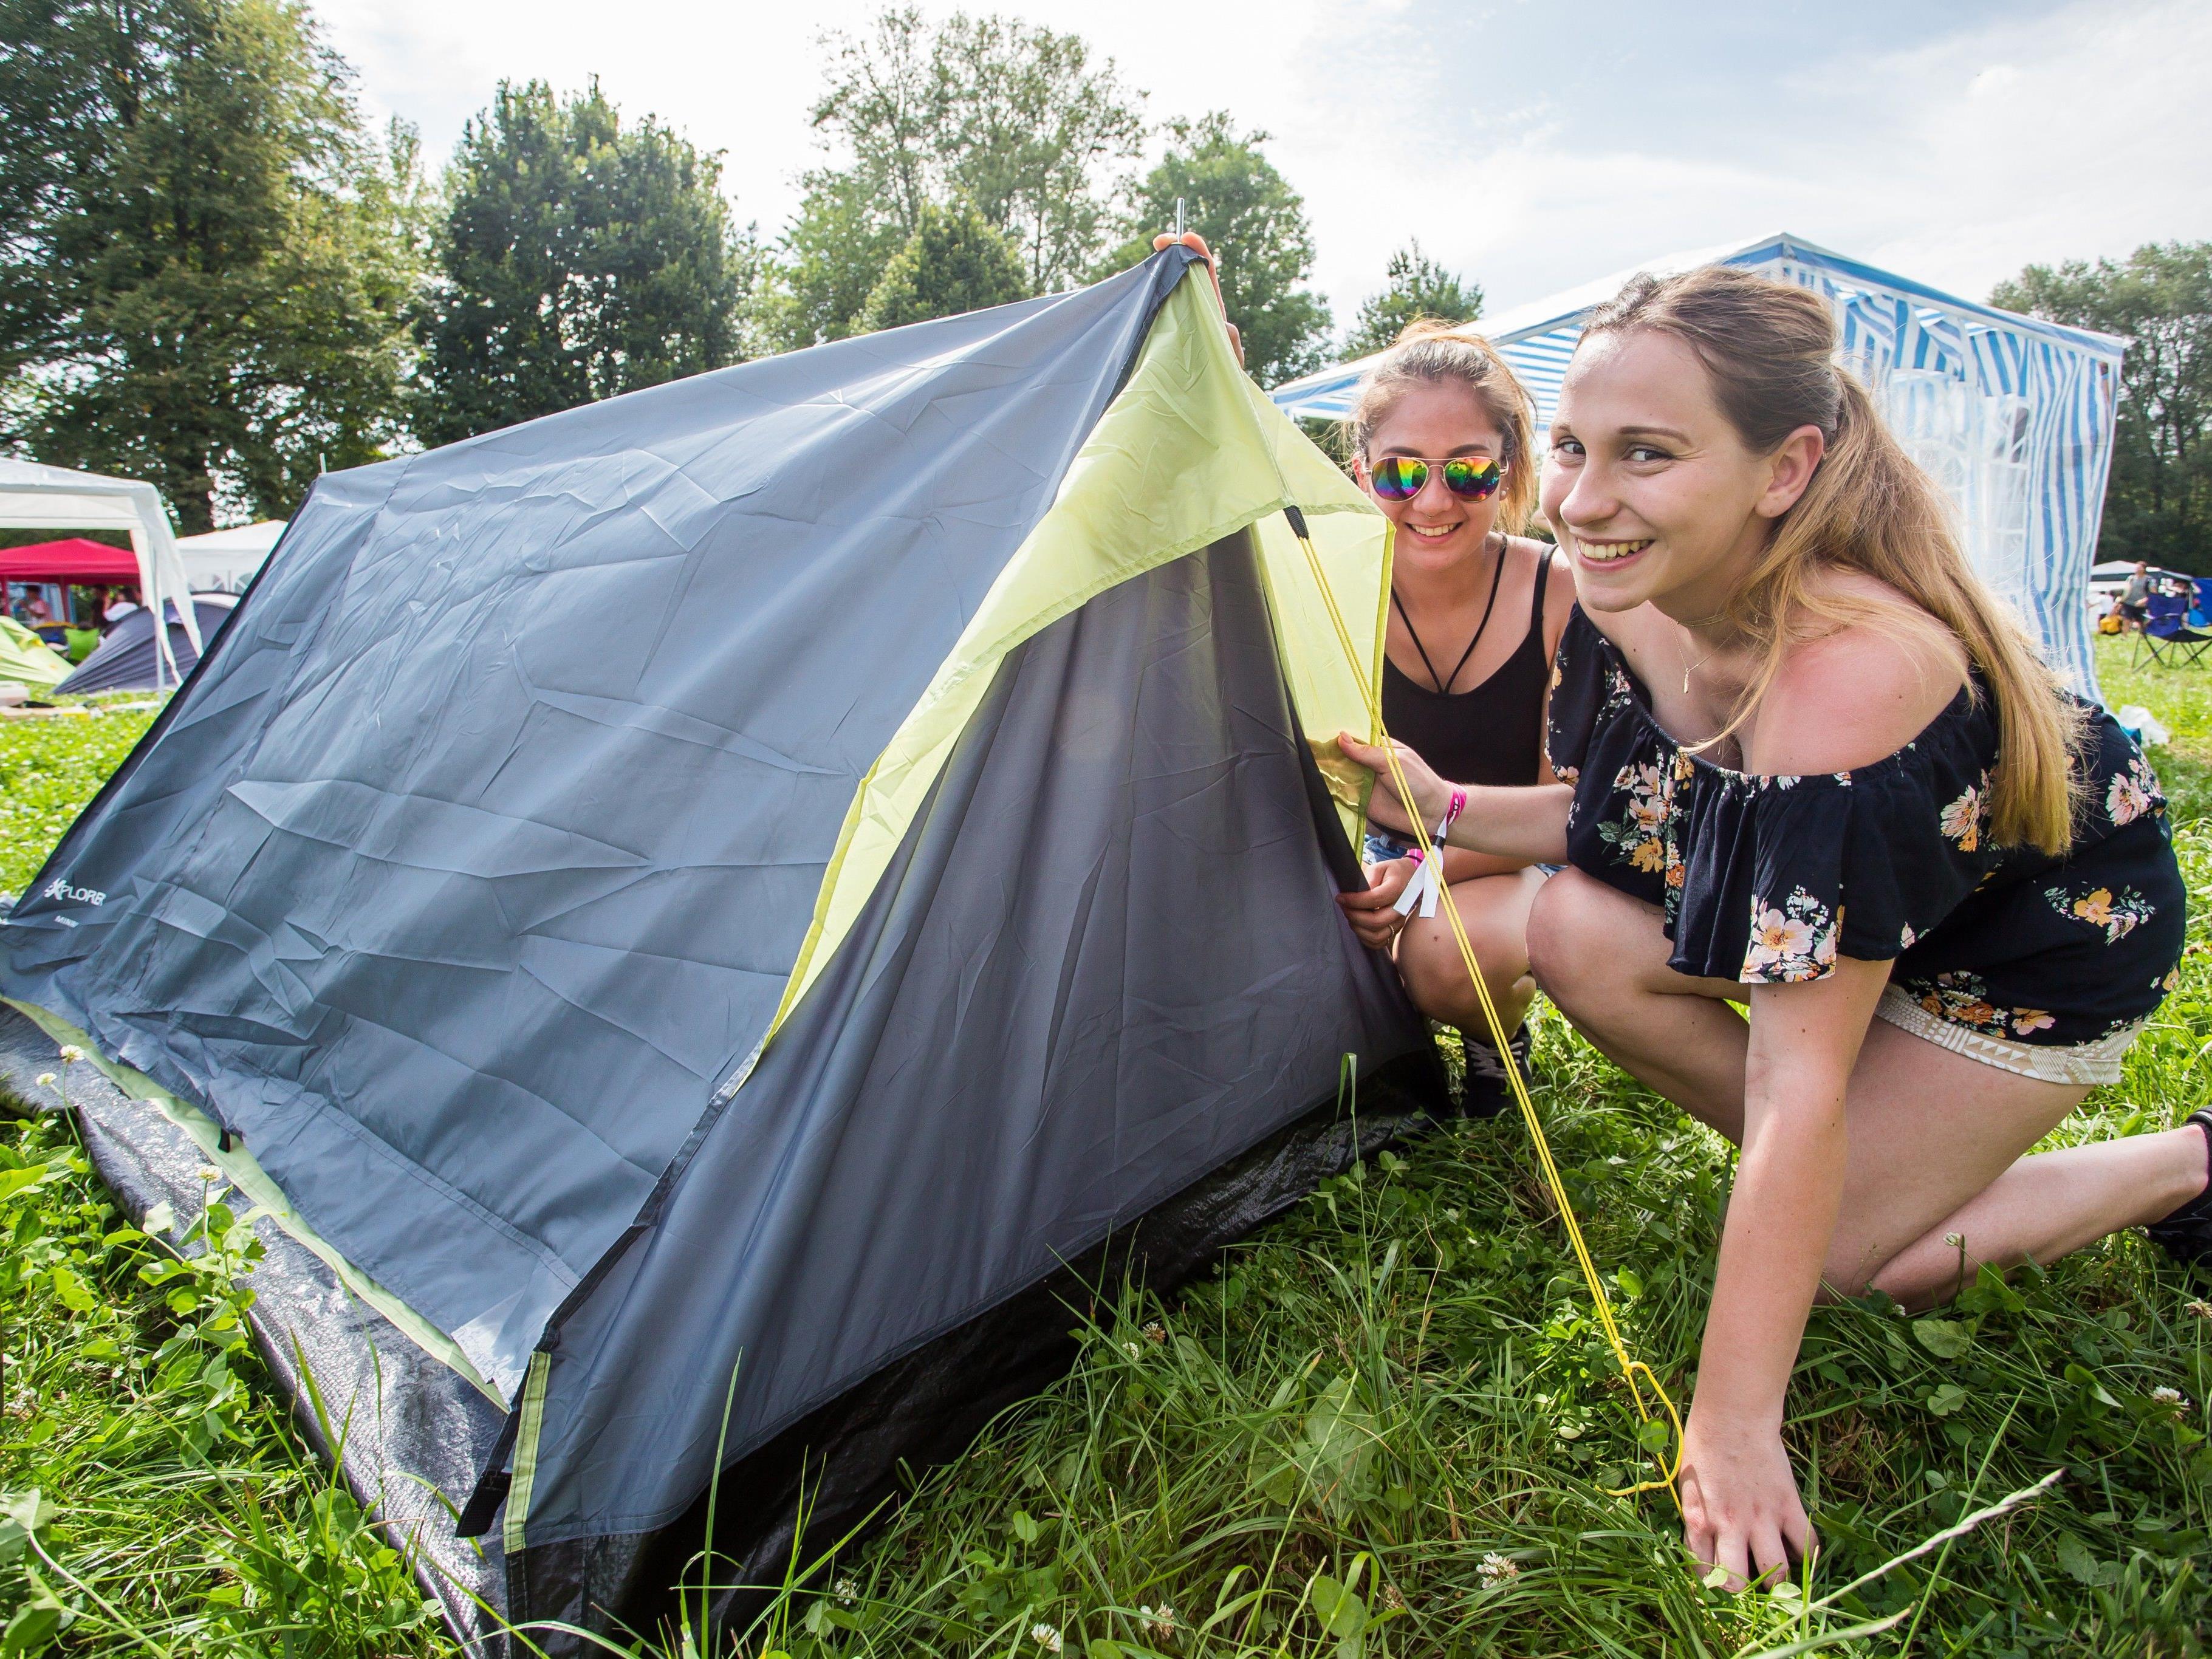 Am Donnerstag wurden die Zelte aufgebaut